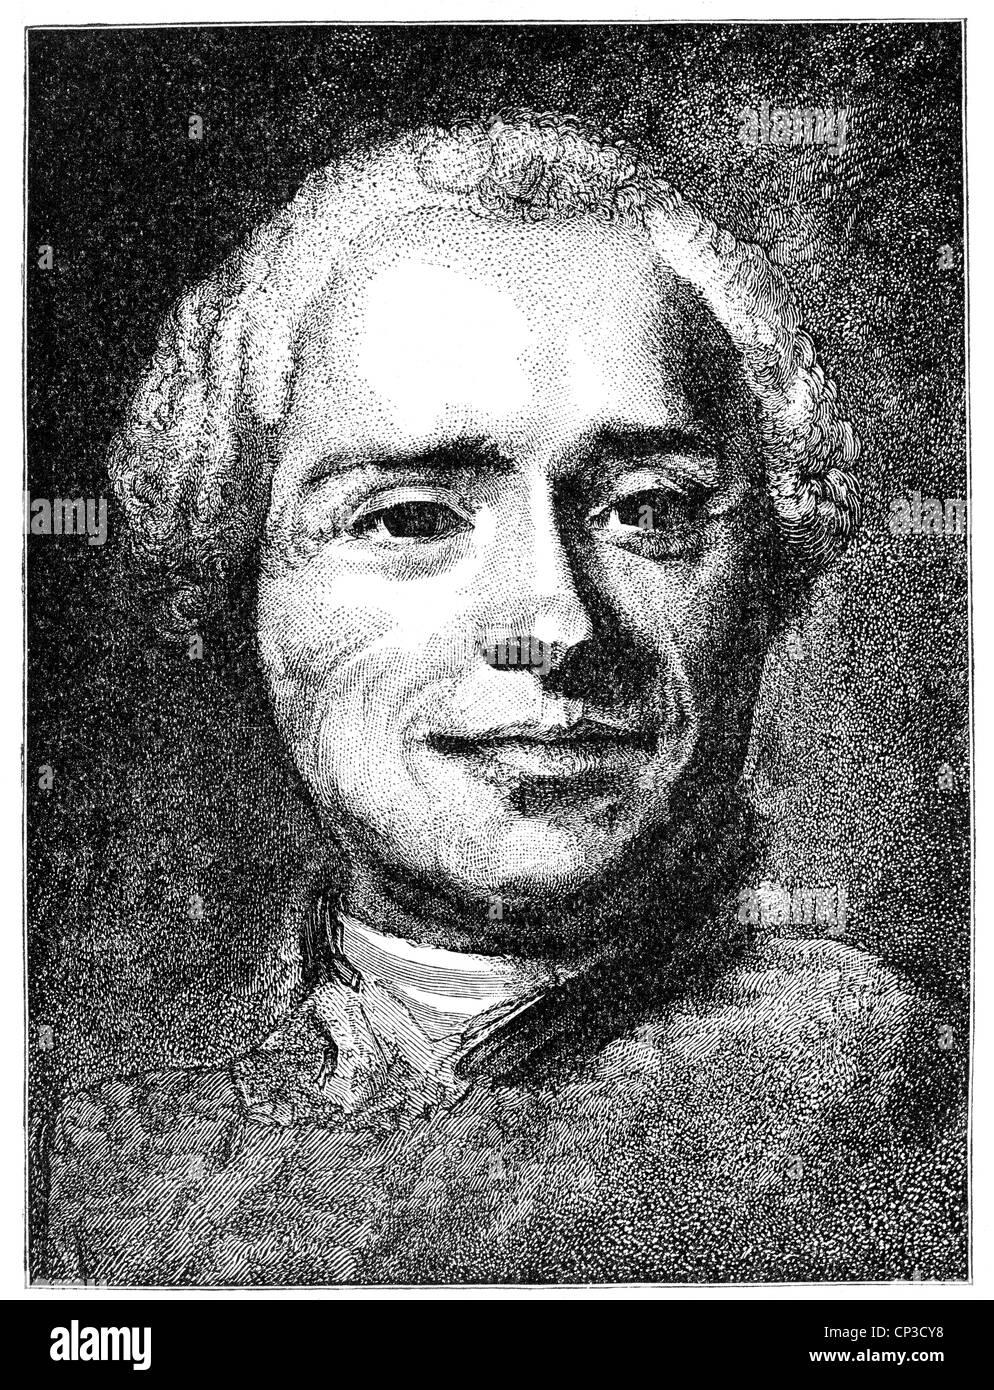 Jean-Baptiste le Rond D'Alembert, ou, 1717 - 1783, un mathématicien, physicien, philosophe des Lumières, Photo Stock